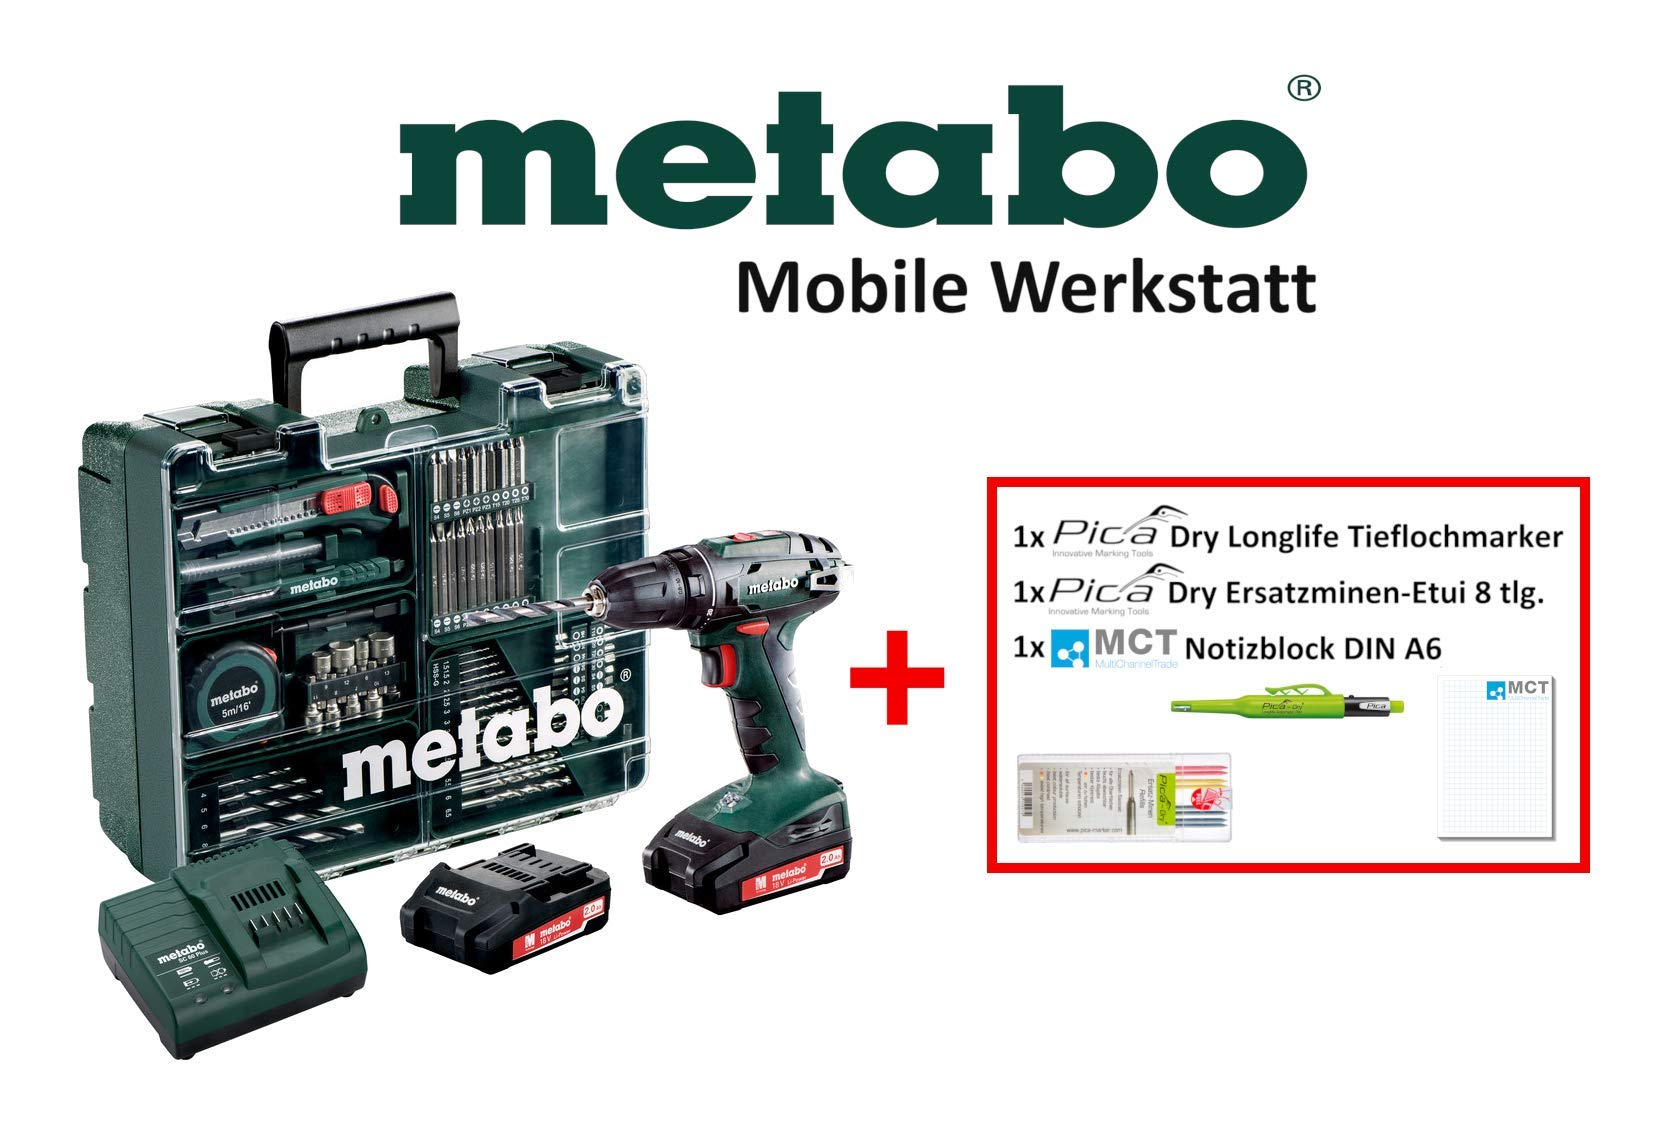 Metabo-Mobile-Werkstatt